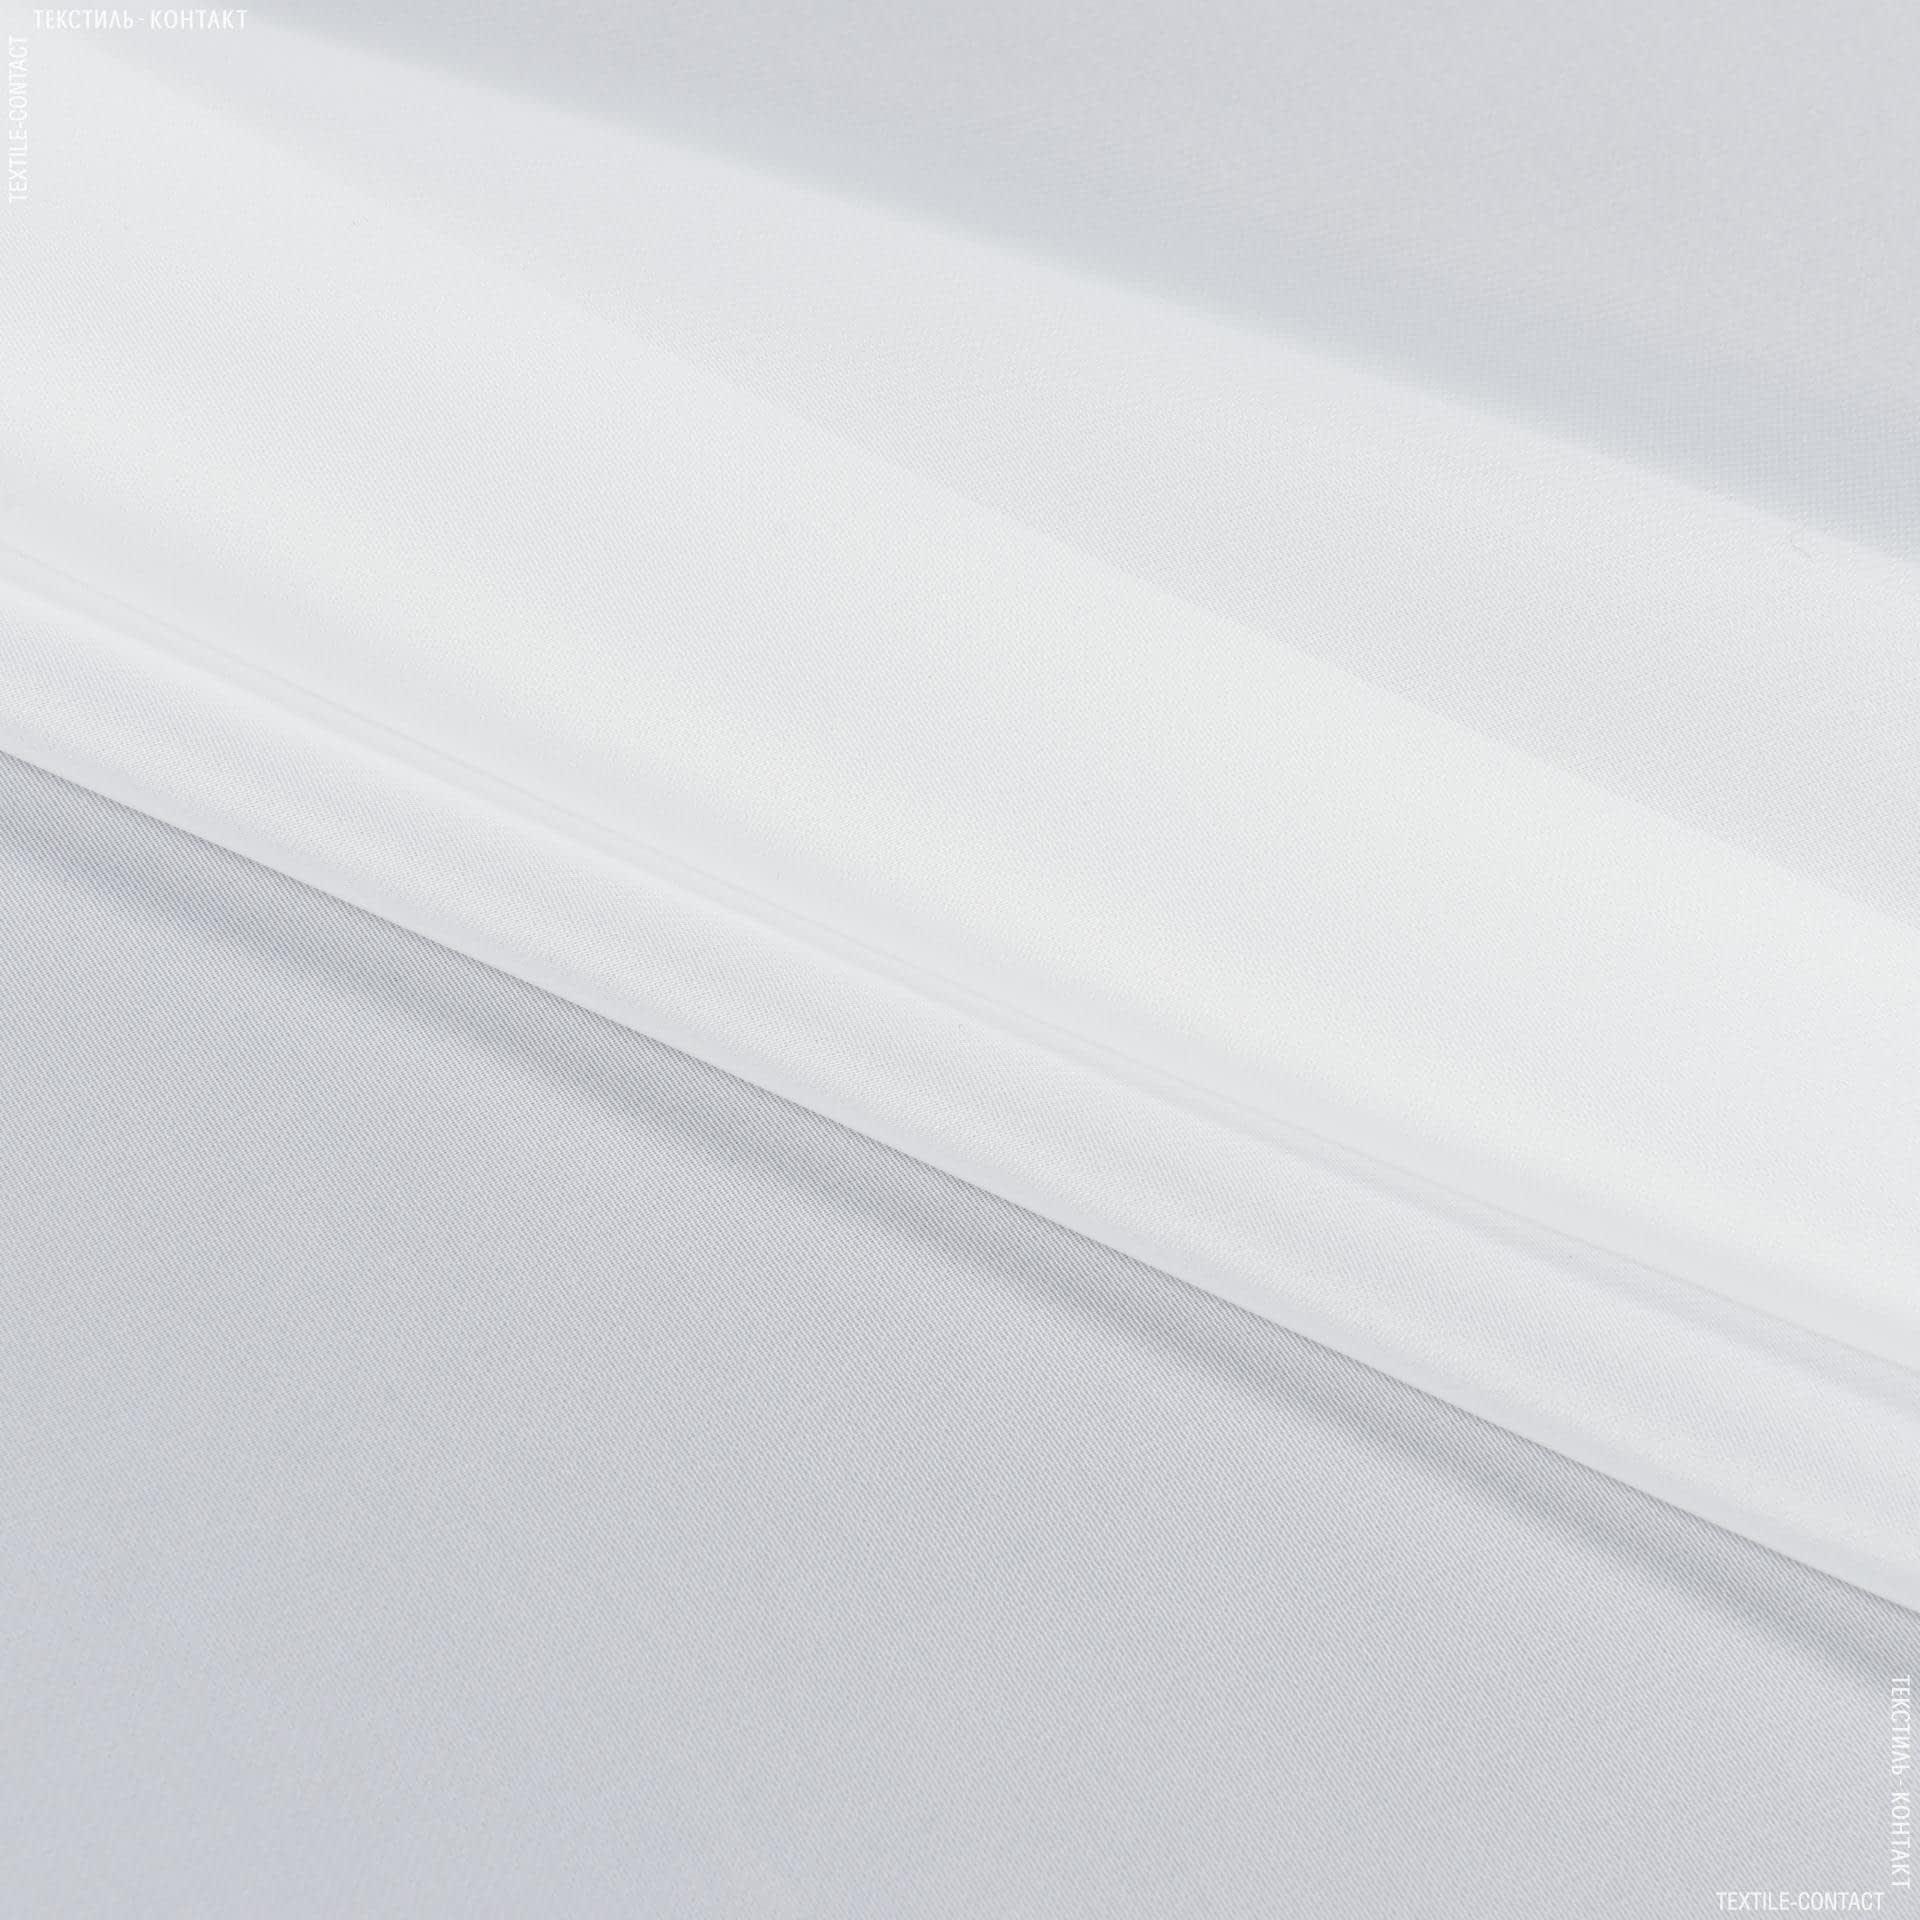 Ткани для драпировки стен и потолков - Тюль с утяжелителем  вуаль люкс  / yari   молочно-белый